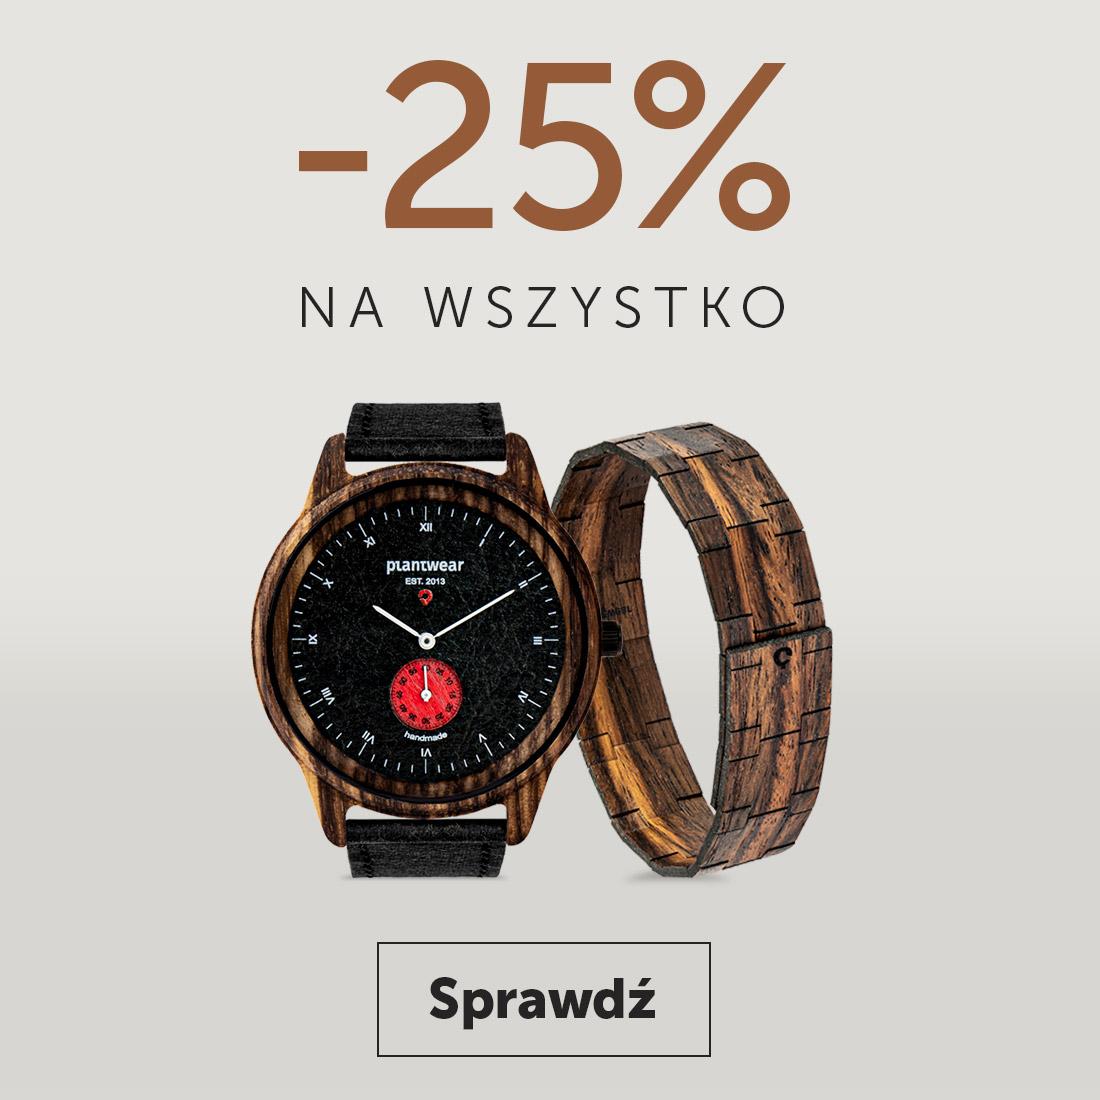 PL_SG_Promocja_lipiec_-25%_1100x1100